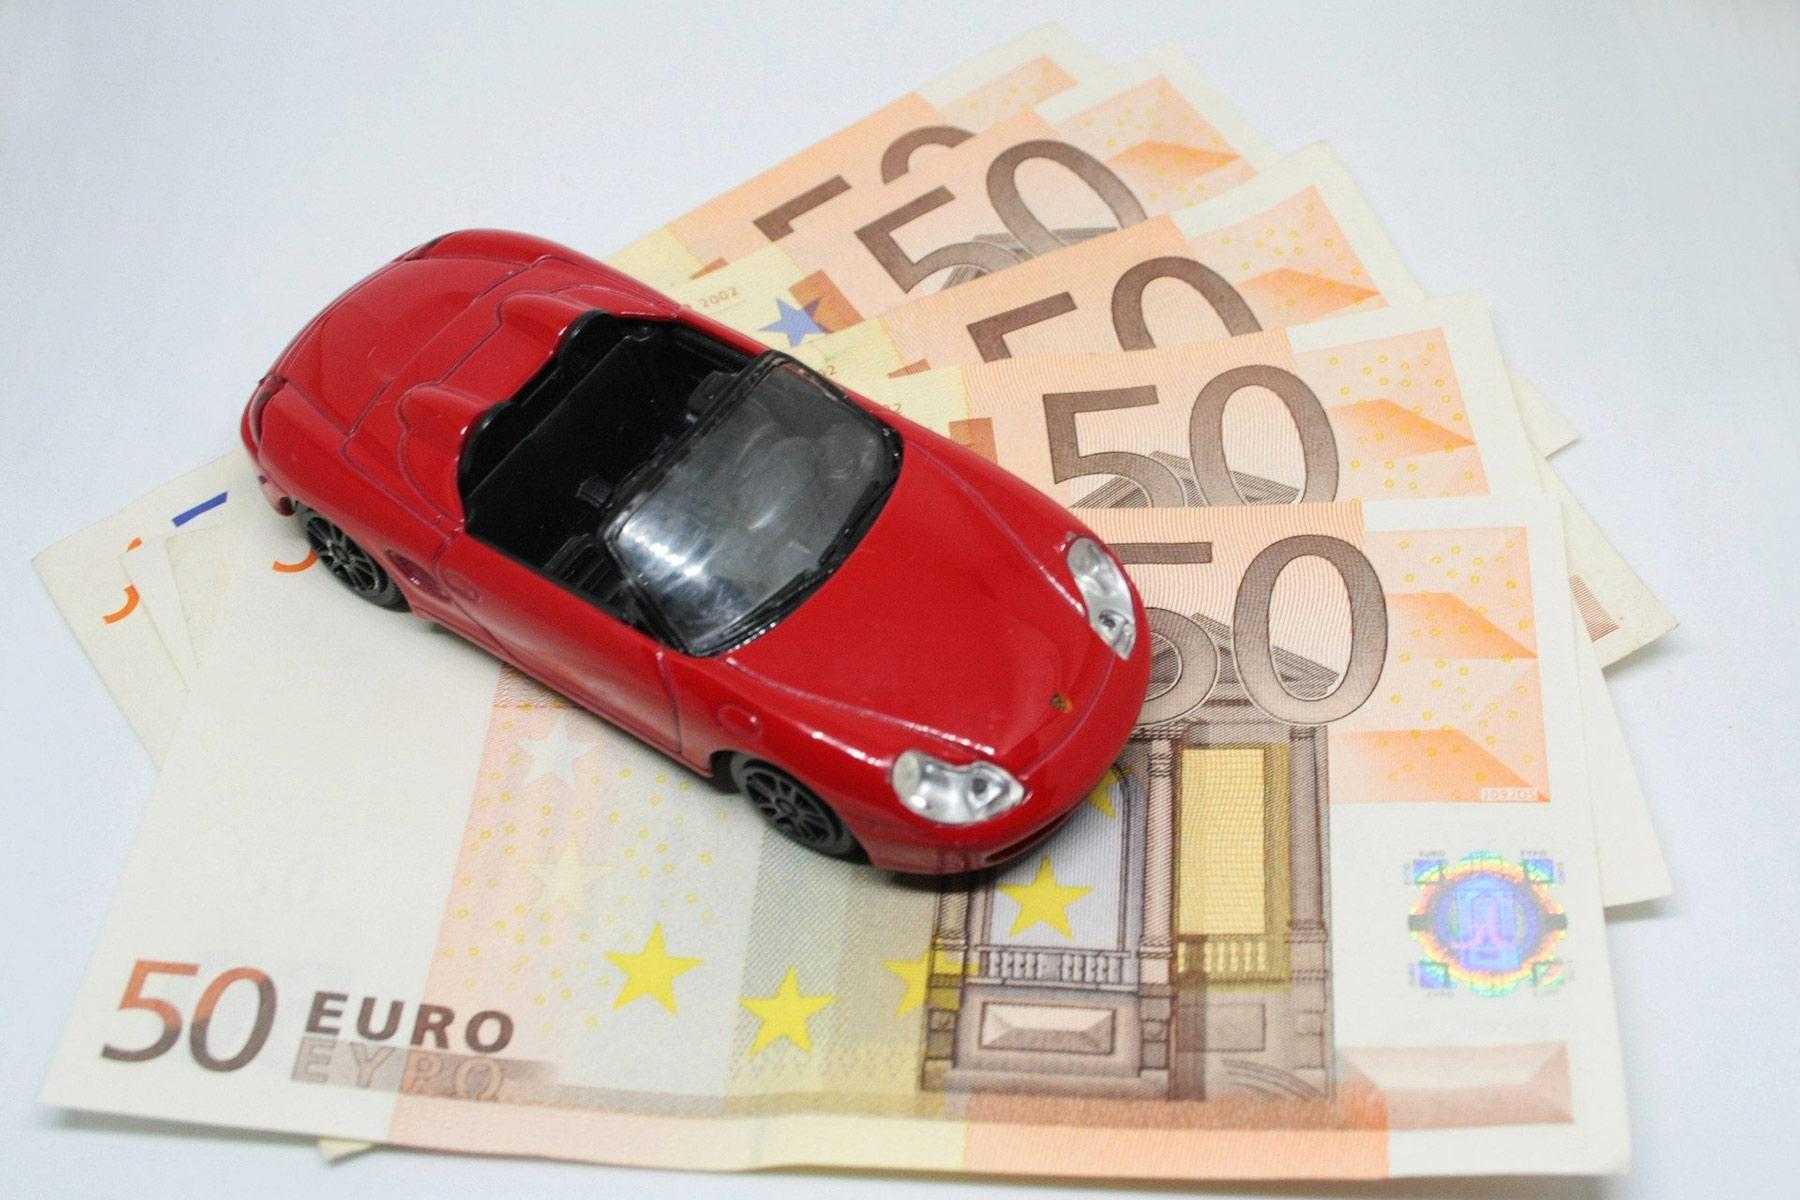 Wie viel Kfz-Steuern zahlen wir Süd-Tiroler? - Süd-Tiroler ...